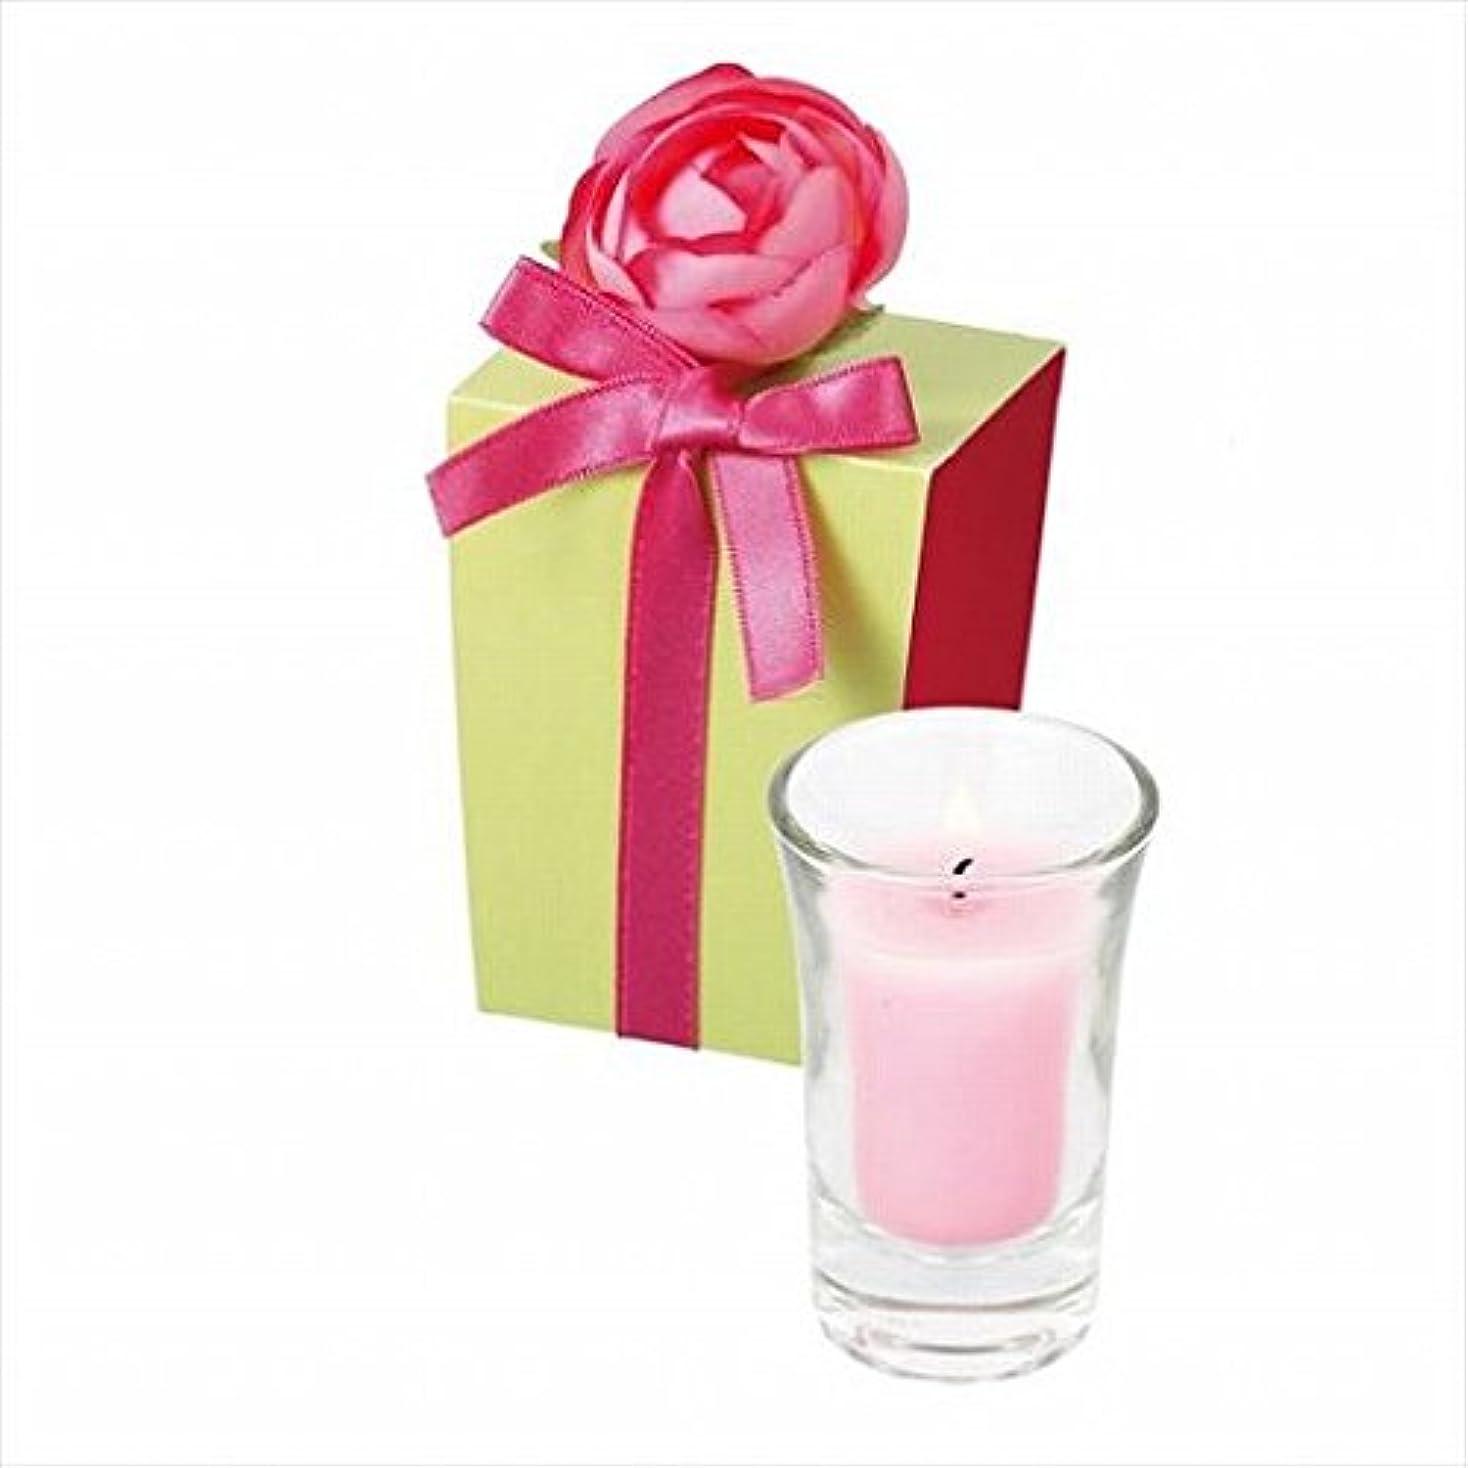 異常なパノラマ彫刻kameyama candle(カメヤマキャンドル) ラナンキュラスグラスキャンドル 「 ピンク 」(A9390500PK)